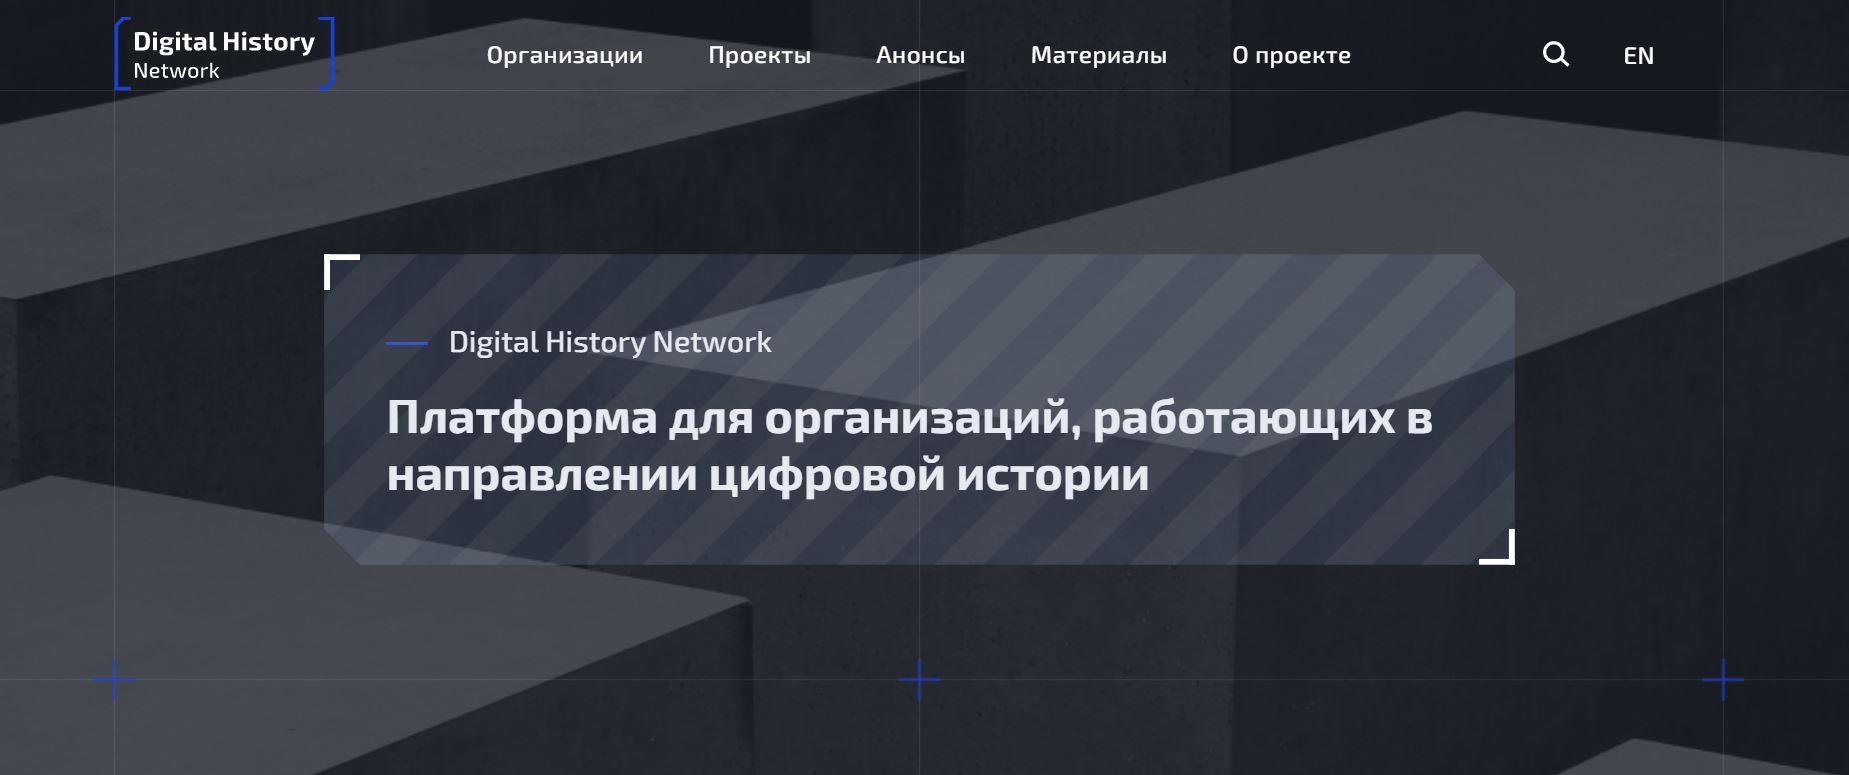 Startseite des Portals Digital History Network